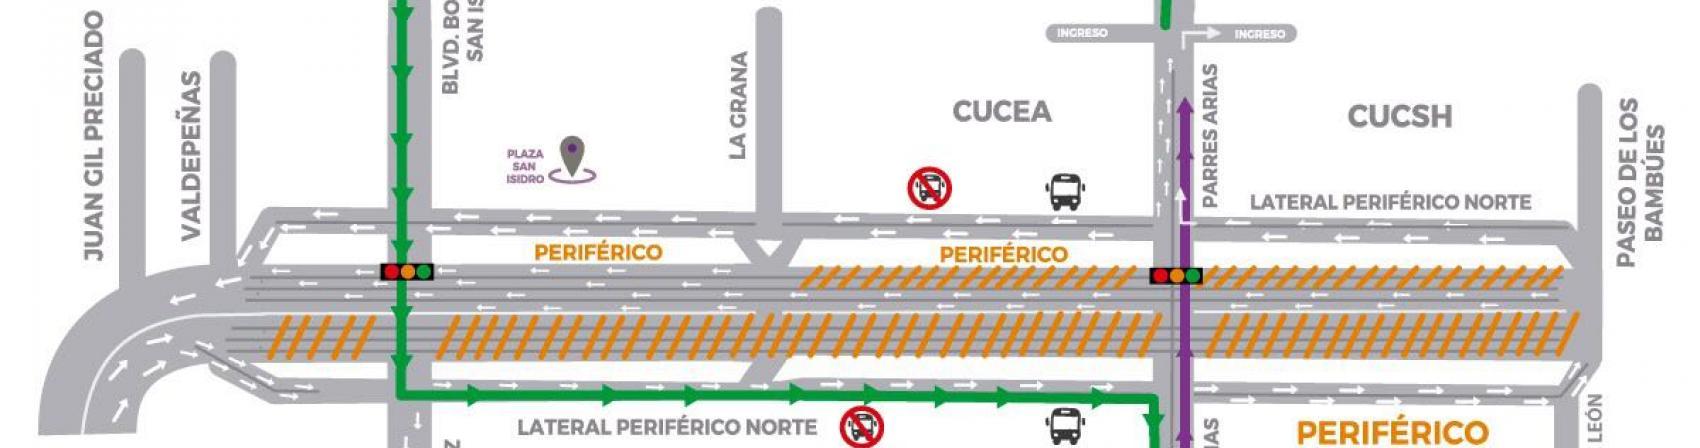 Mapa de la restricción vial periférico norte y viaducto belenes